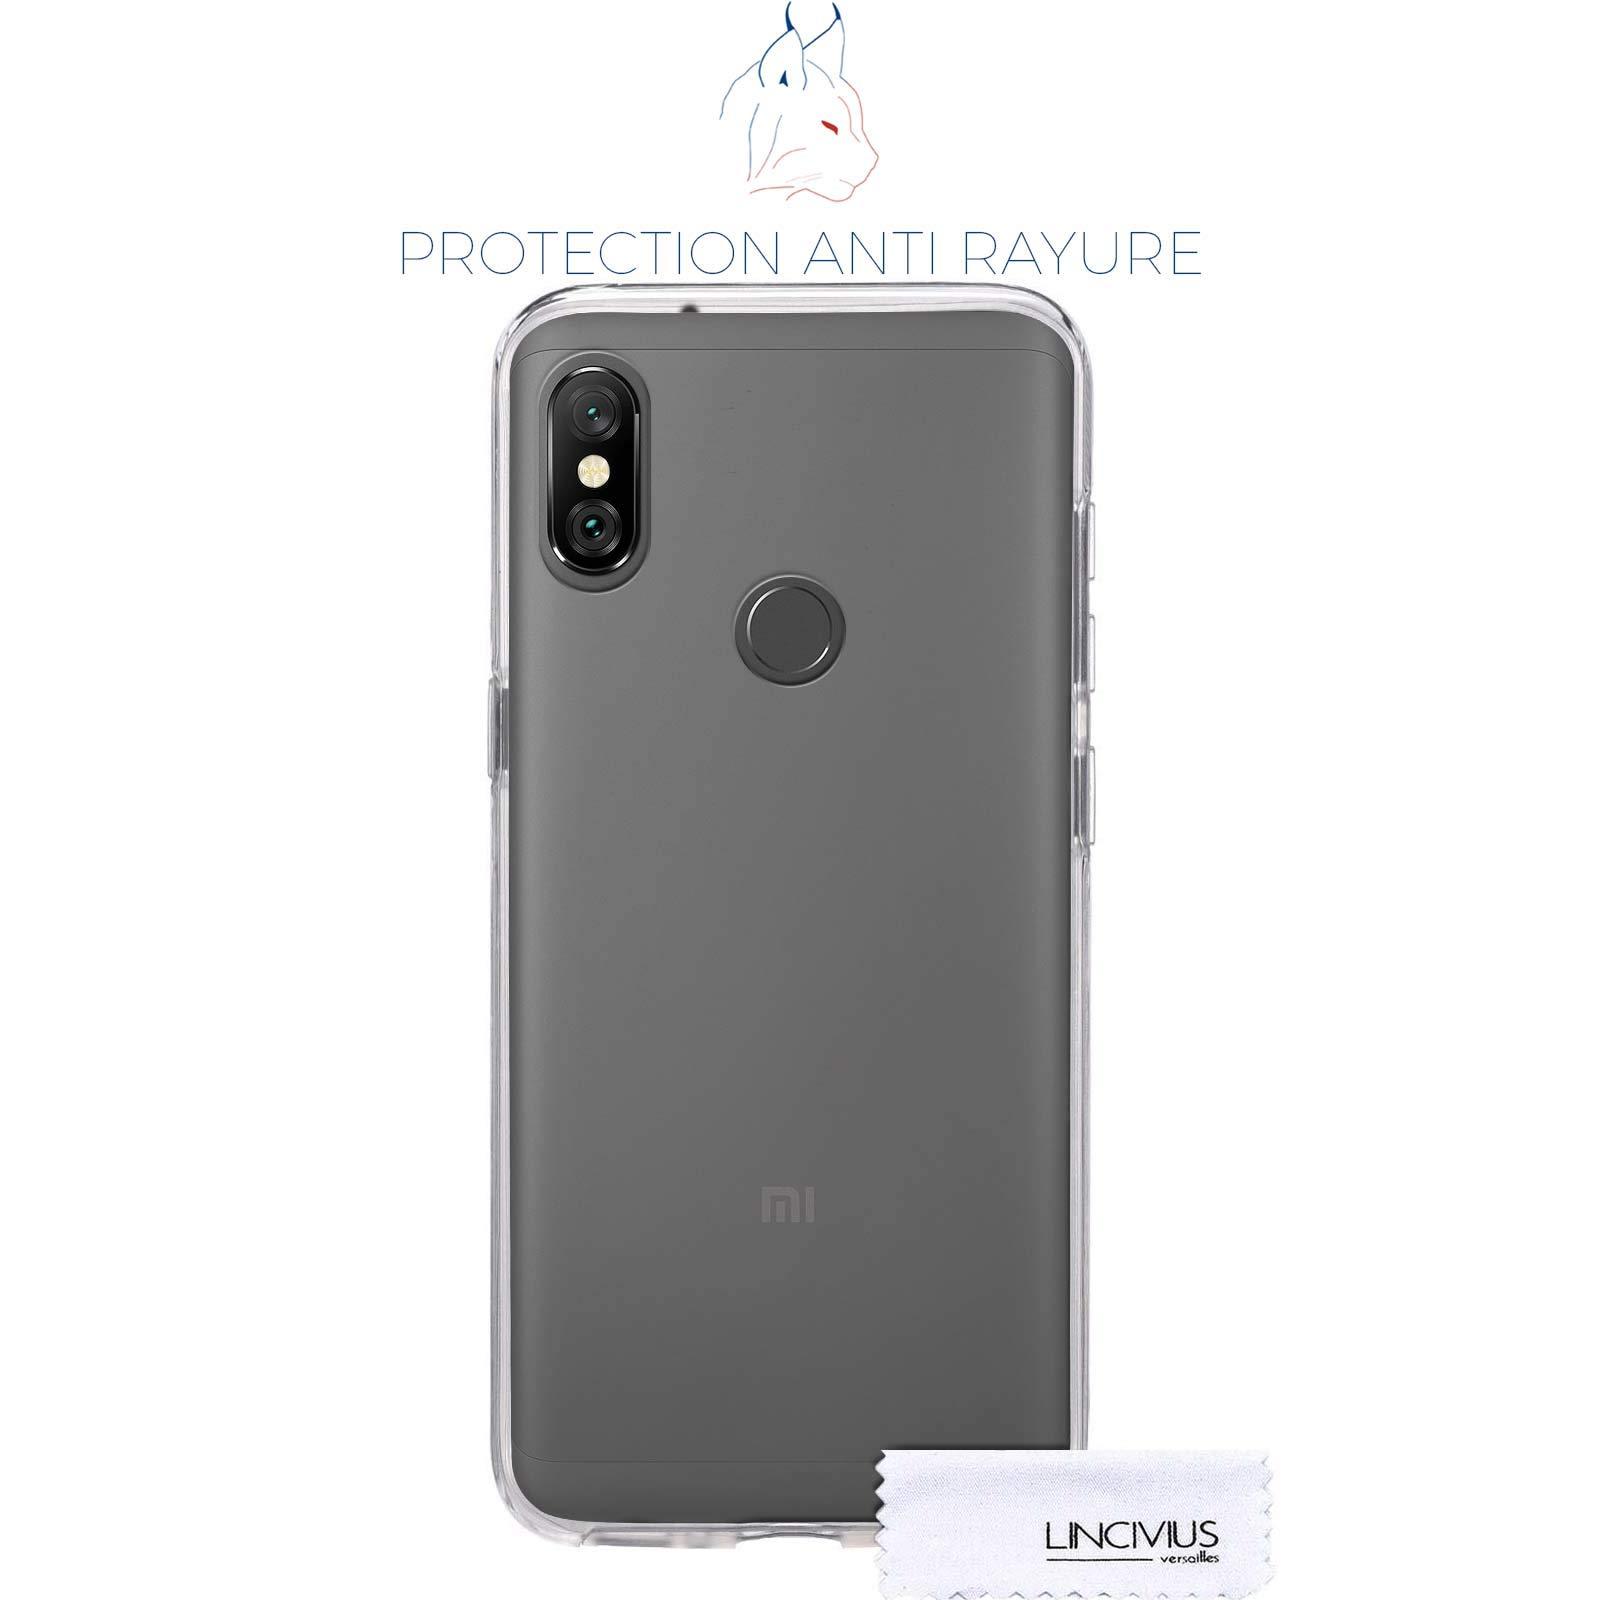 Coque Integrale Compatible avec Xiaomi Redmi Note 6 Pro, Coque de Protection 2 en 1 Bumper Transparent Silicone Avant Et Arrière Contour Bumper Rigide pour Xiaomi Redmi Note 6 Pro, Transparent